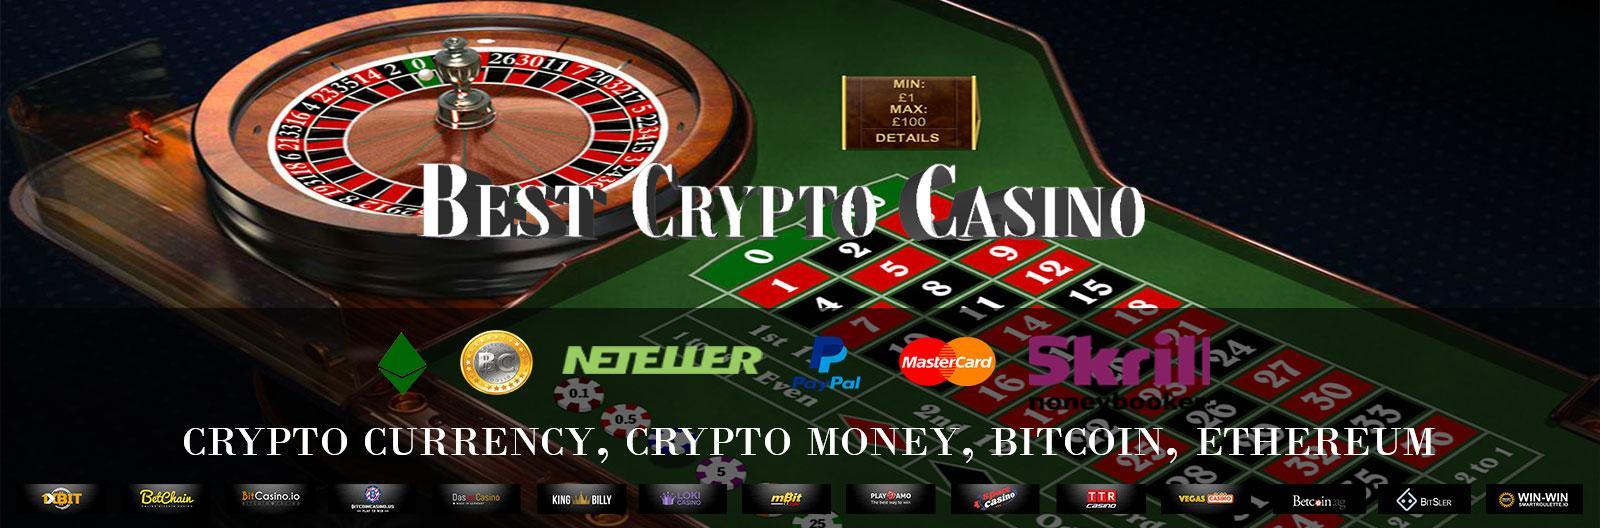 Betchain casino bonus codes